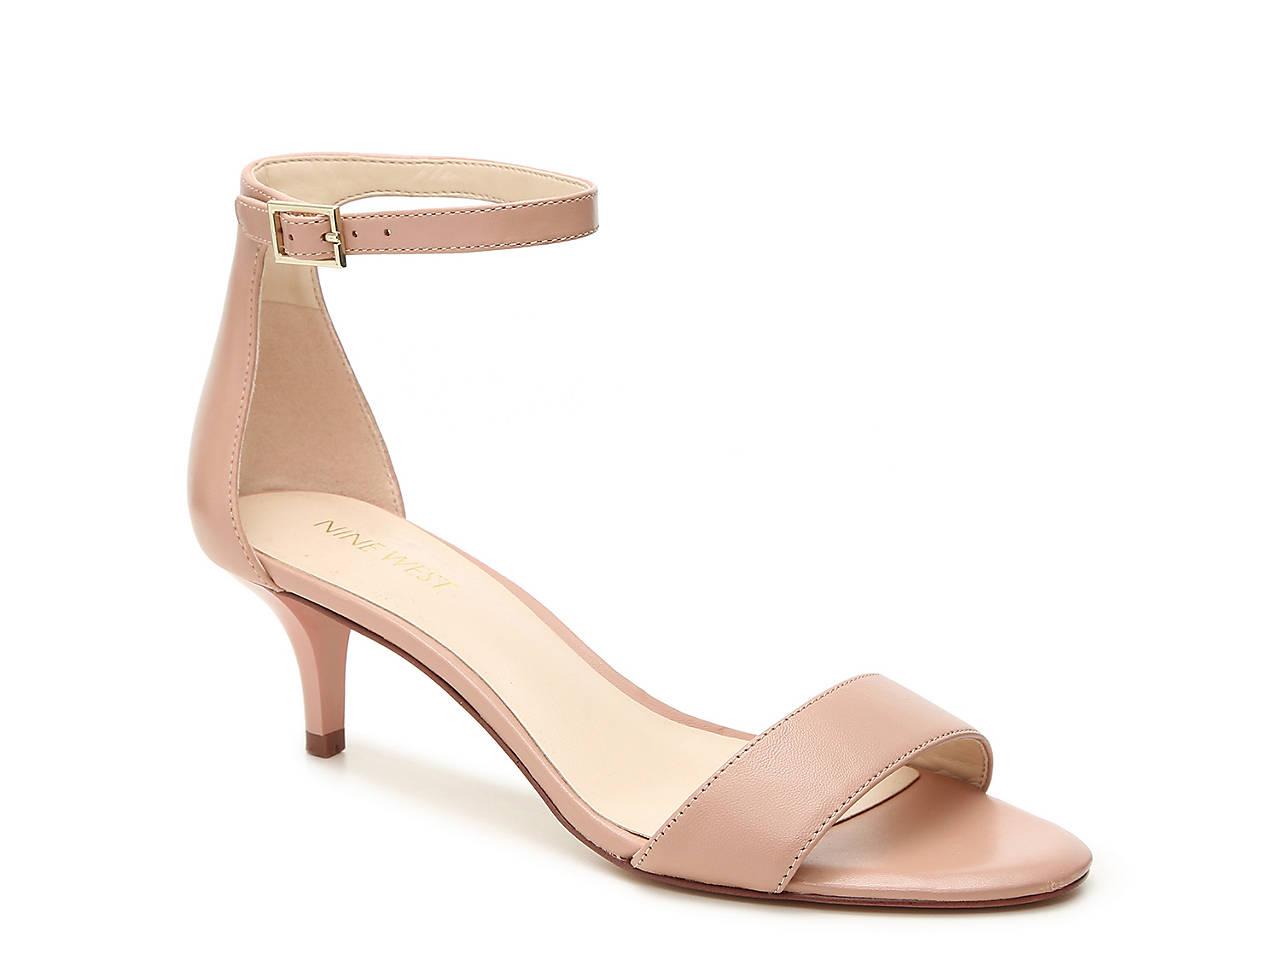 995f7e0d5e65 Nine West Lacindah Sandal Women s Shoes